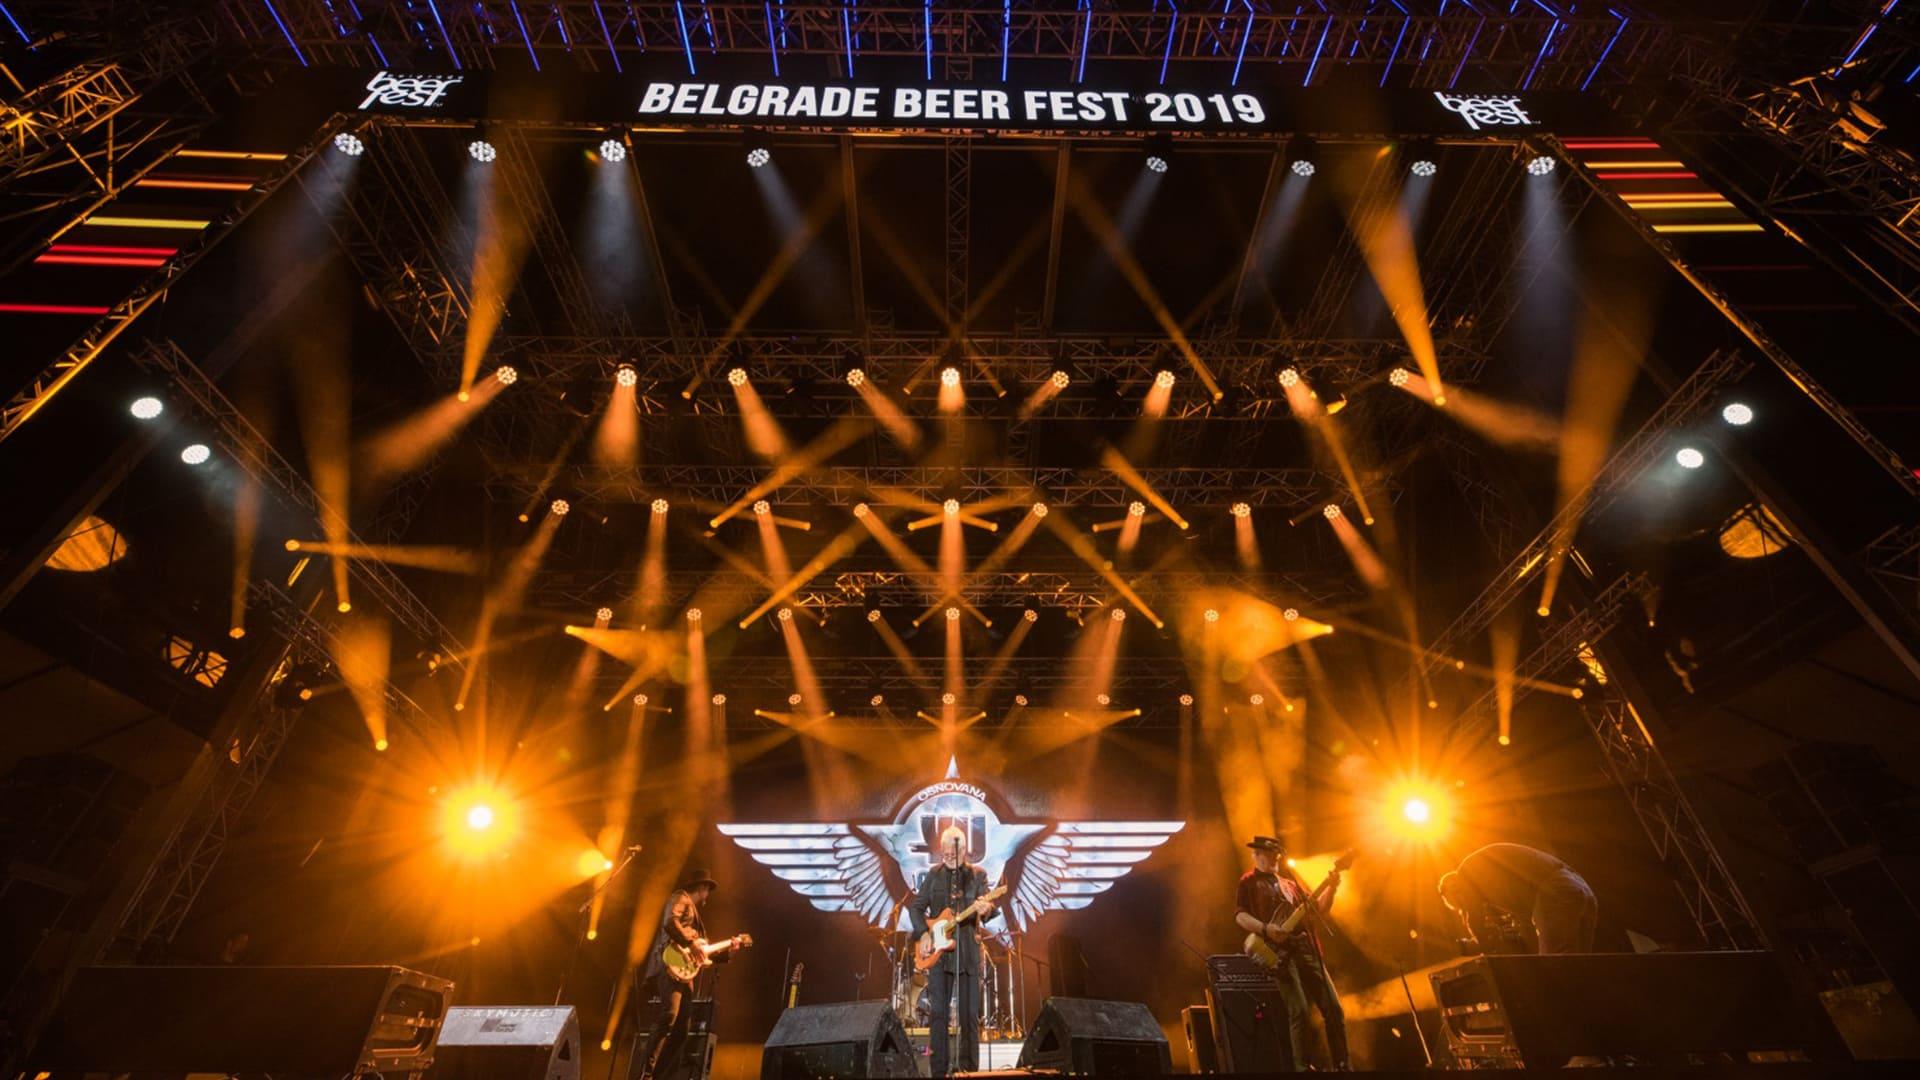 EXIT, Beerfest, Lovefest, Arsenal, Nishville, and other major Serbian festivals